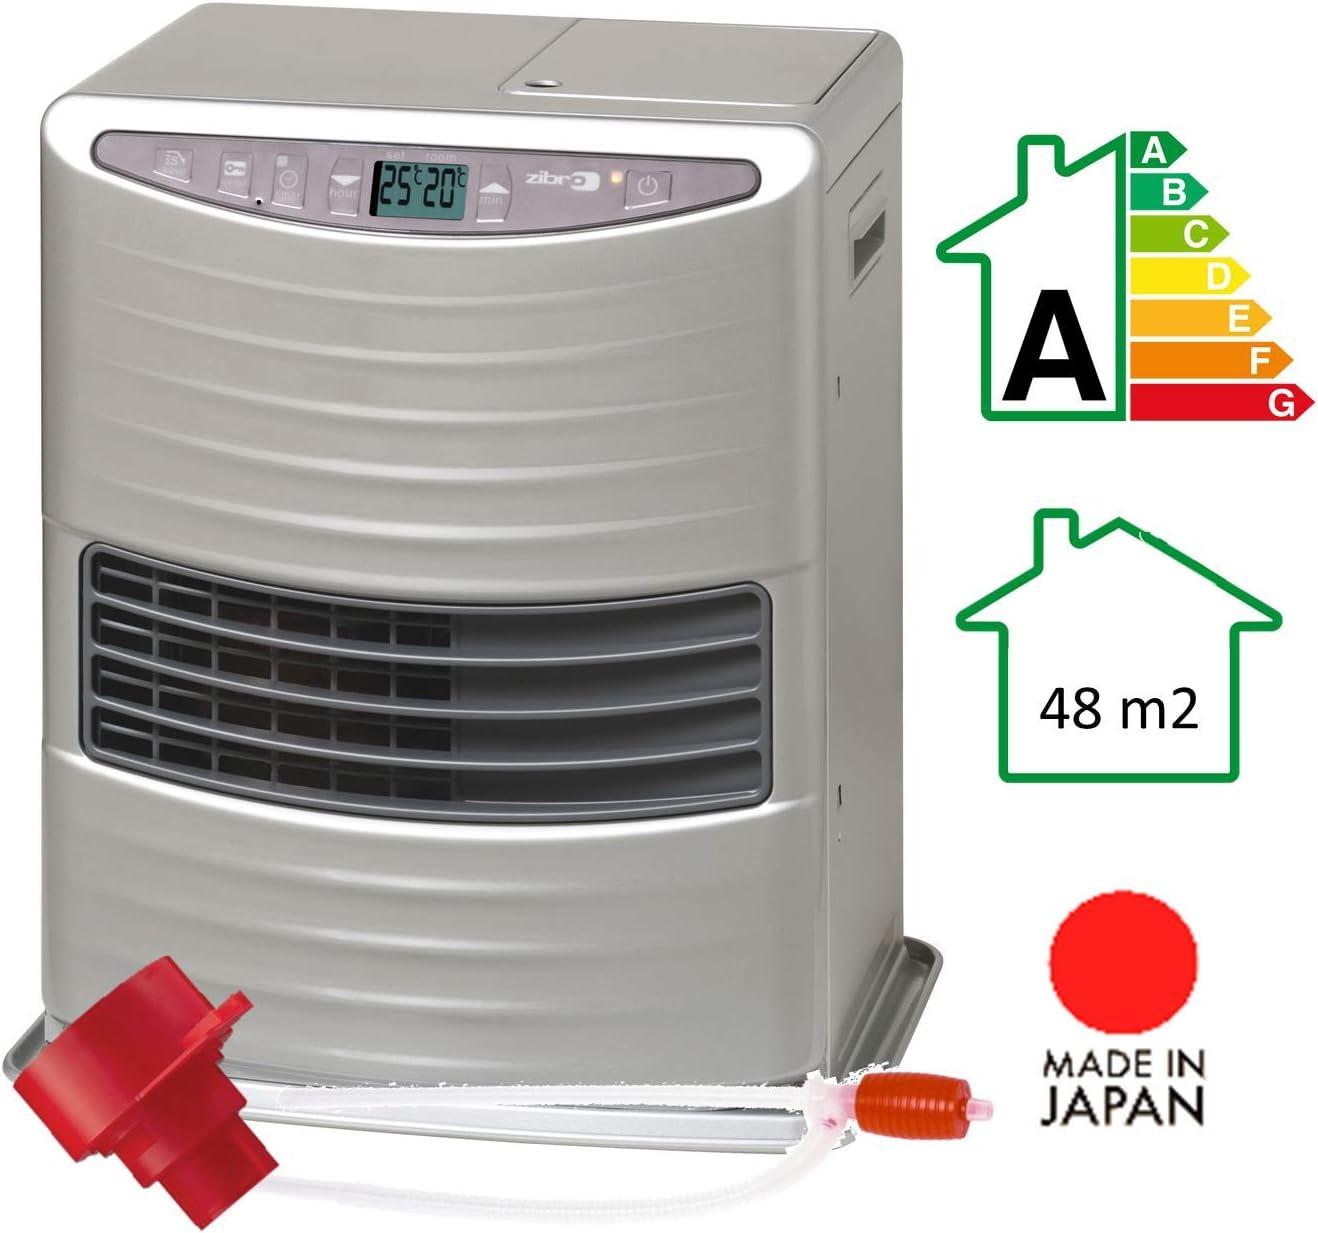 Zibro LC 30 Estufa de Combustible Electrónica, Portátil, 3000W, Plata, 19m2-48m2, Sin Instalación, Con Filtro toyotube Incluido, Clase de eficiencia energética A